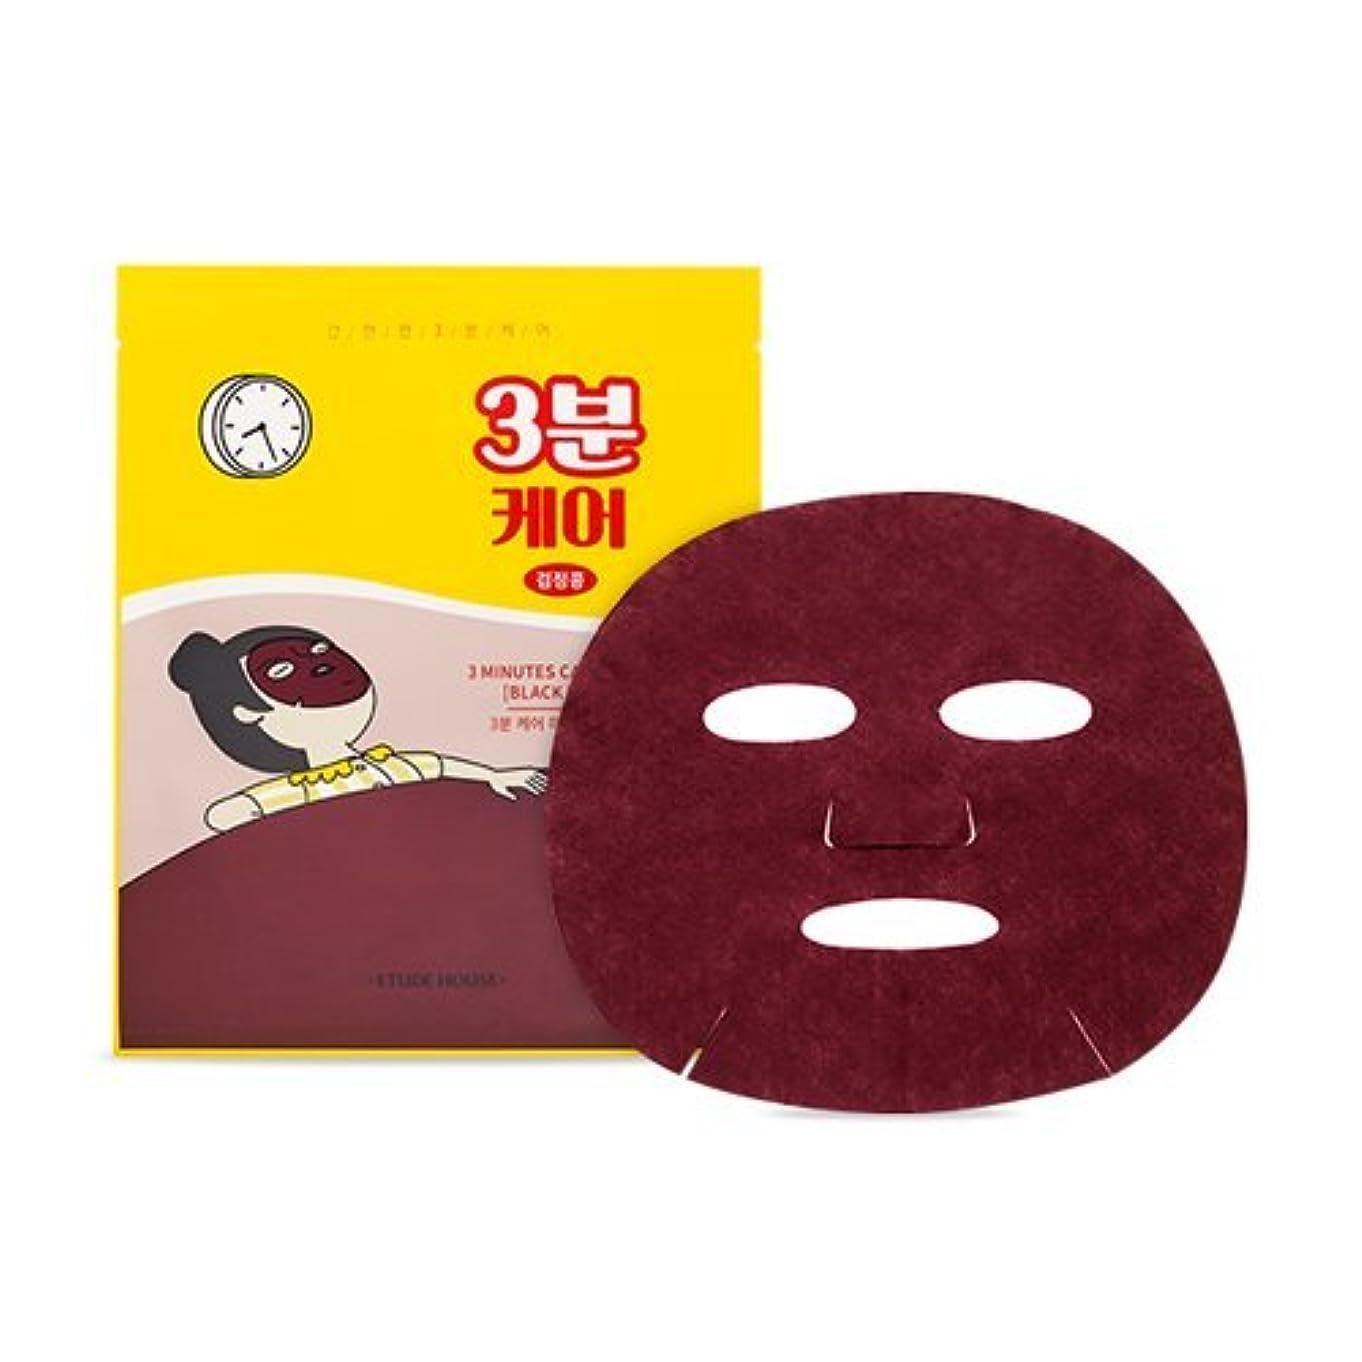 エチュードハウス 3分ケア マスク[ ブラックビーン ] 5枚/ETUDE HOUSE 3 Minutes Care Mask [BLACK BEAN] 23g*5EA